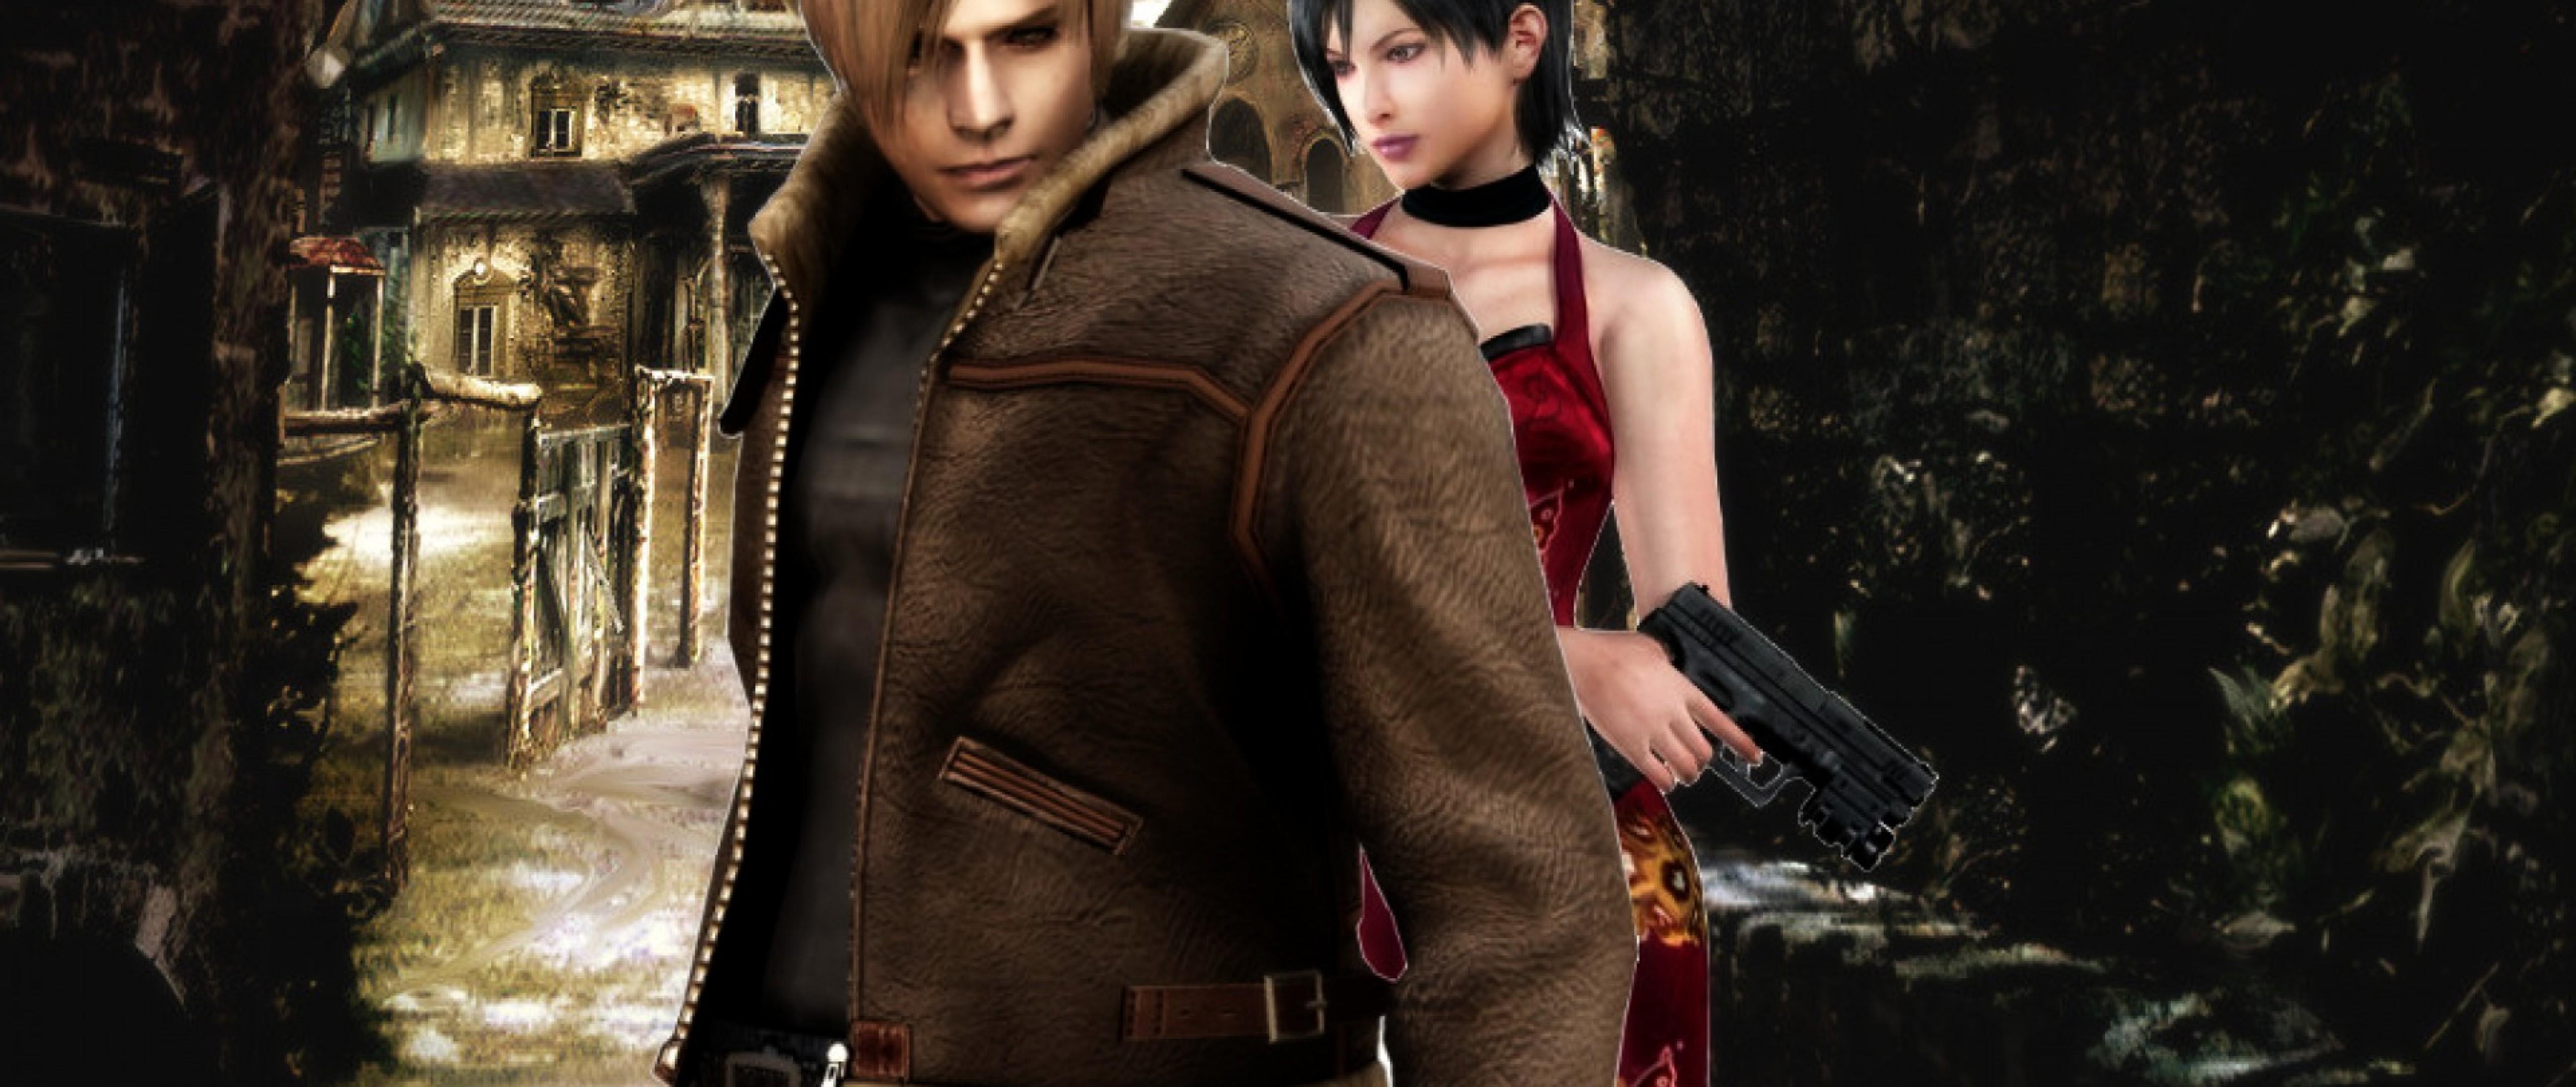 Resident Evil 4 Hd Wallpaper 4k Ultra Hd Wide Tv Hd Wallpaper